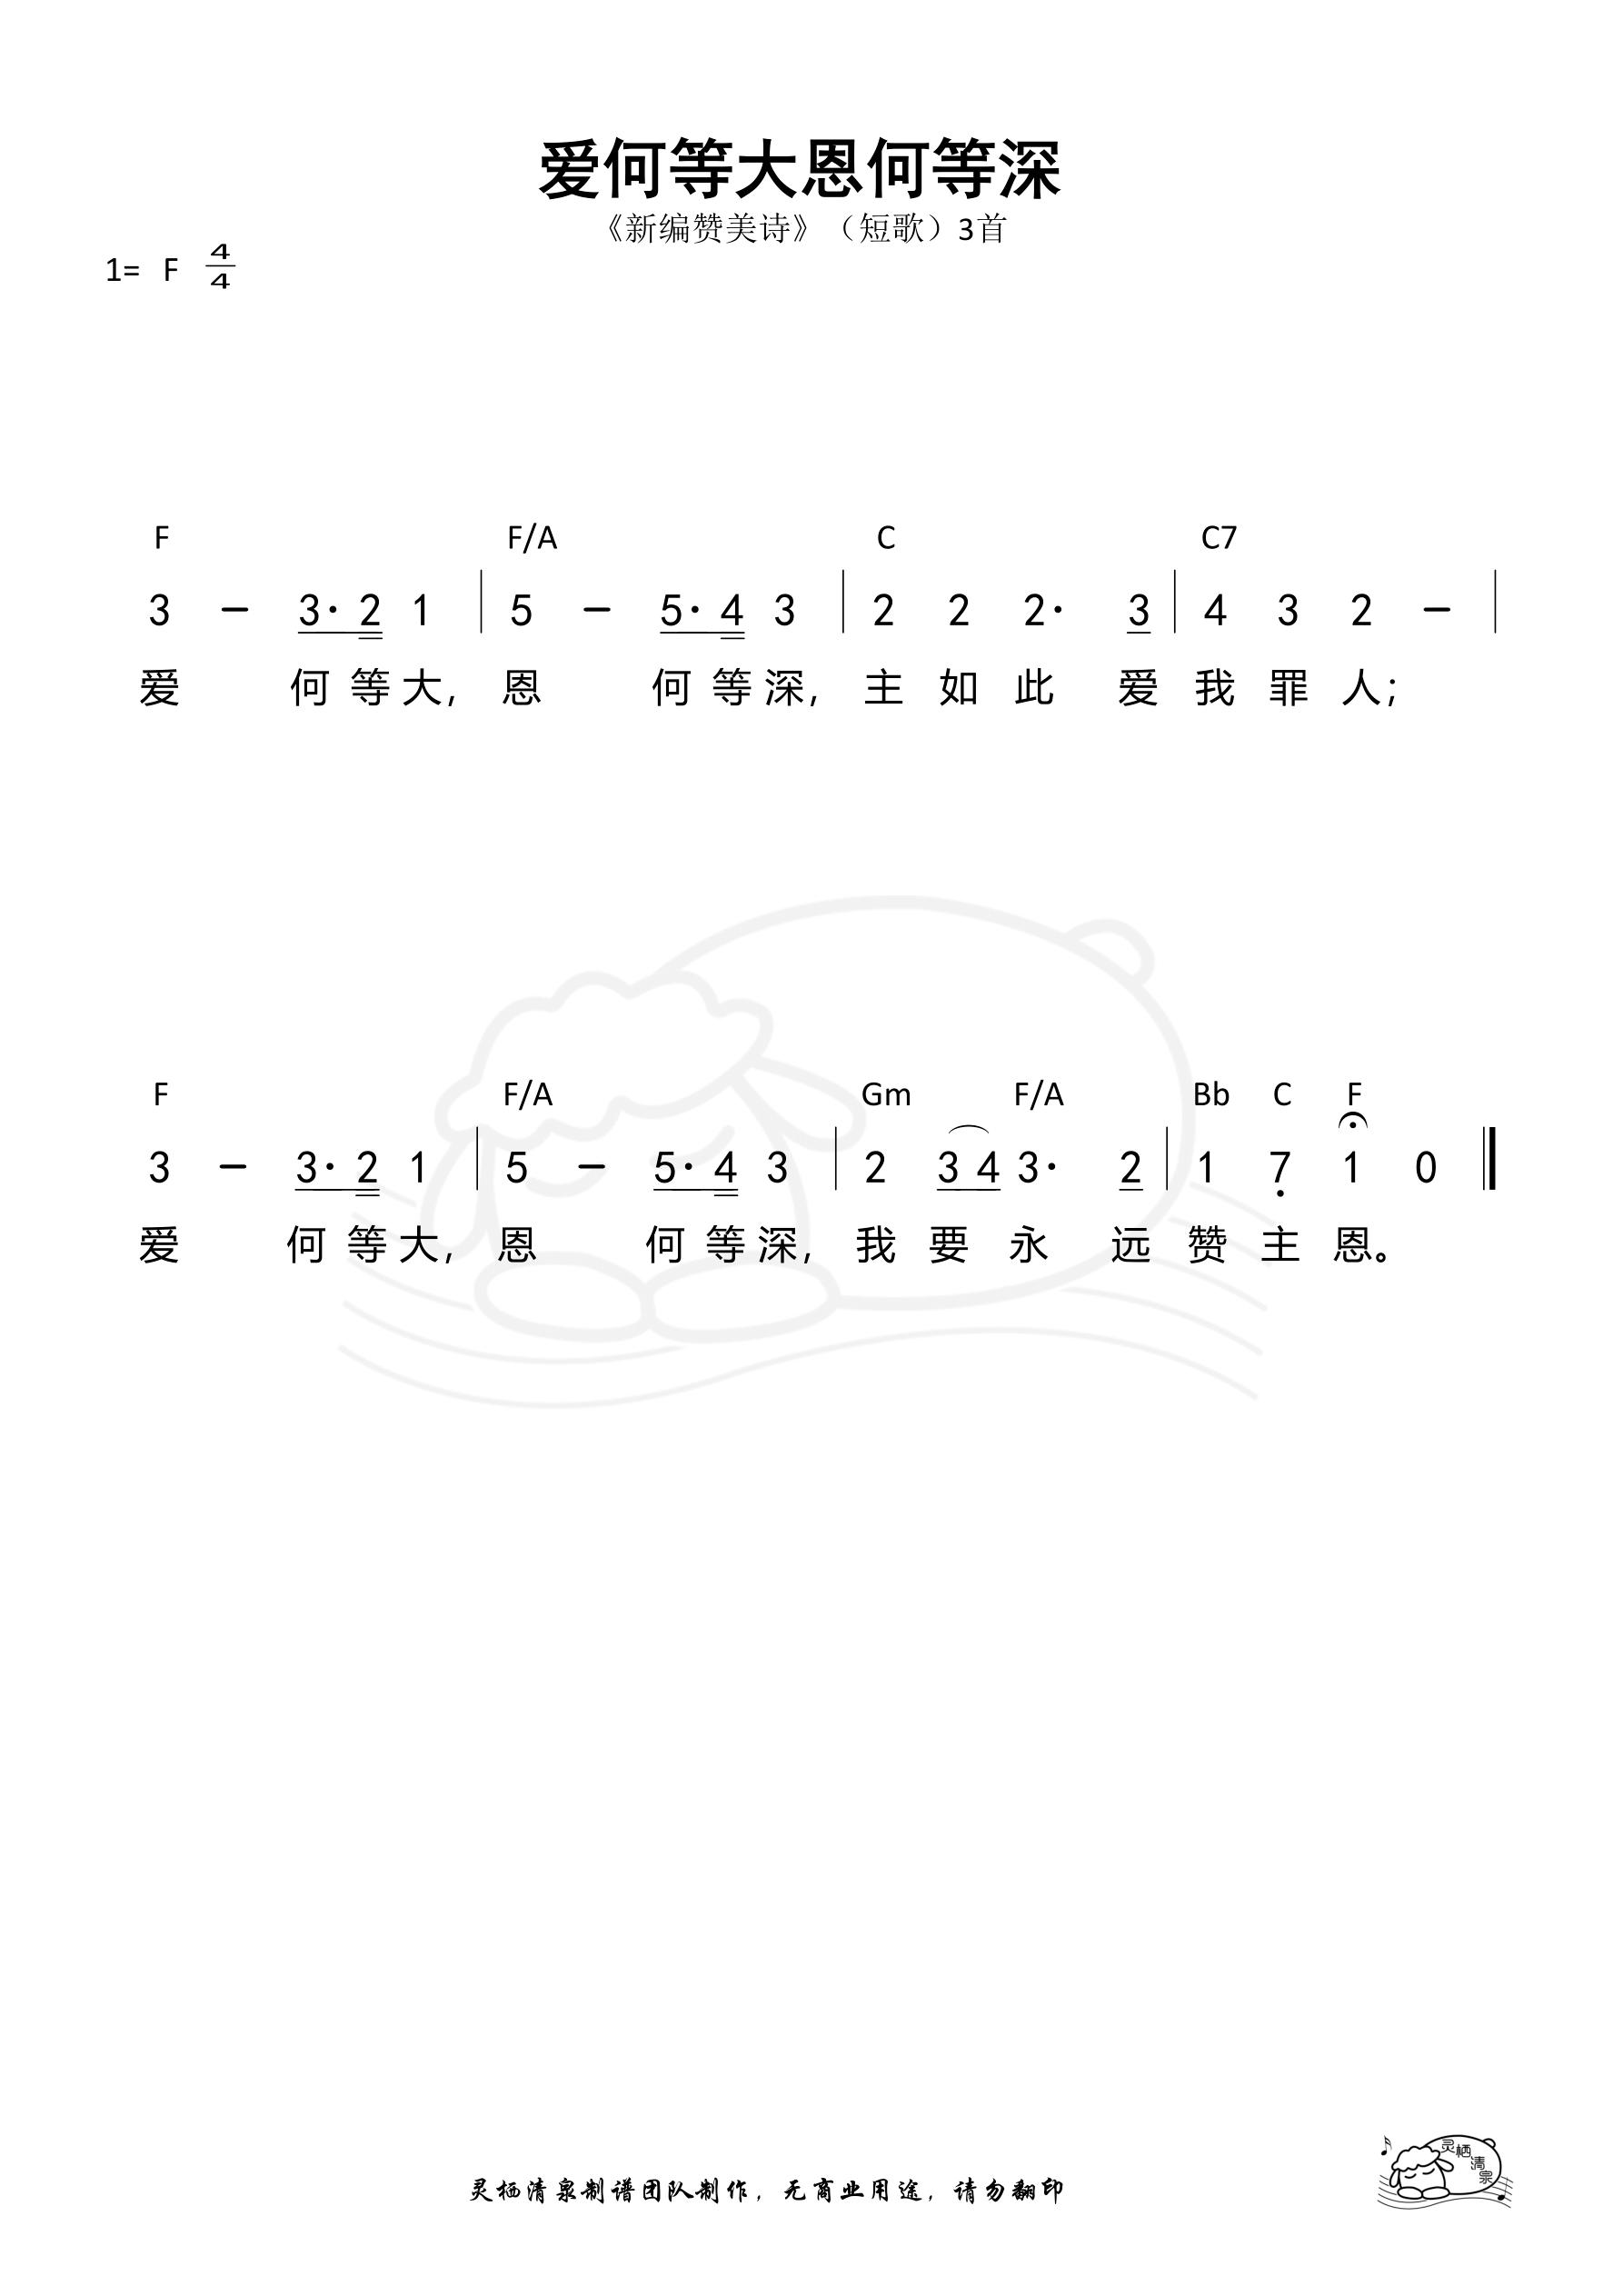 《第276首 - 爱何等大恩何等深(短歌03)和弦简谱》